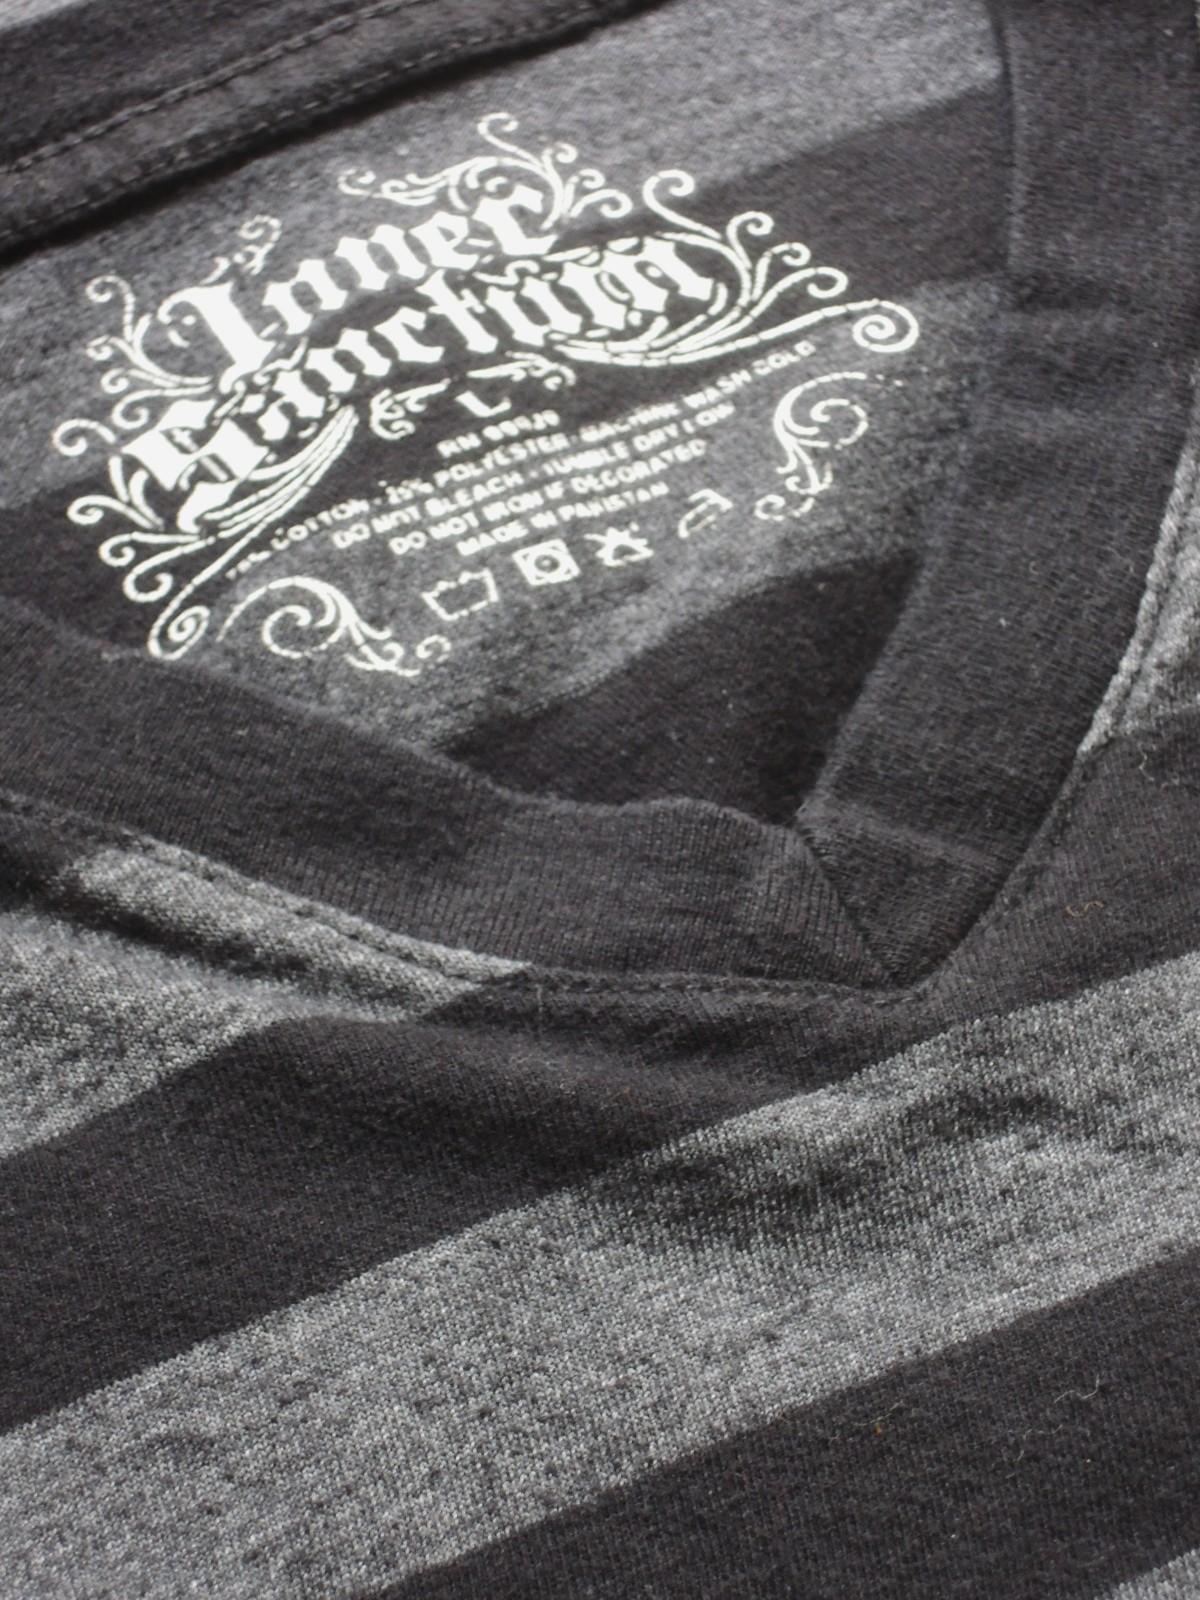 bordertshirts01_02.JPG